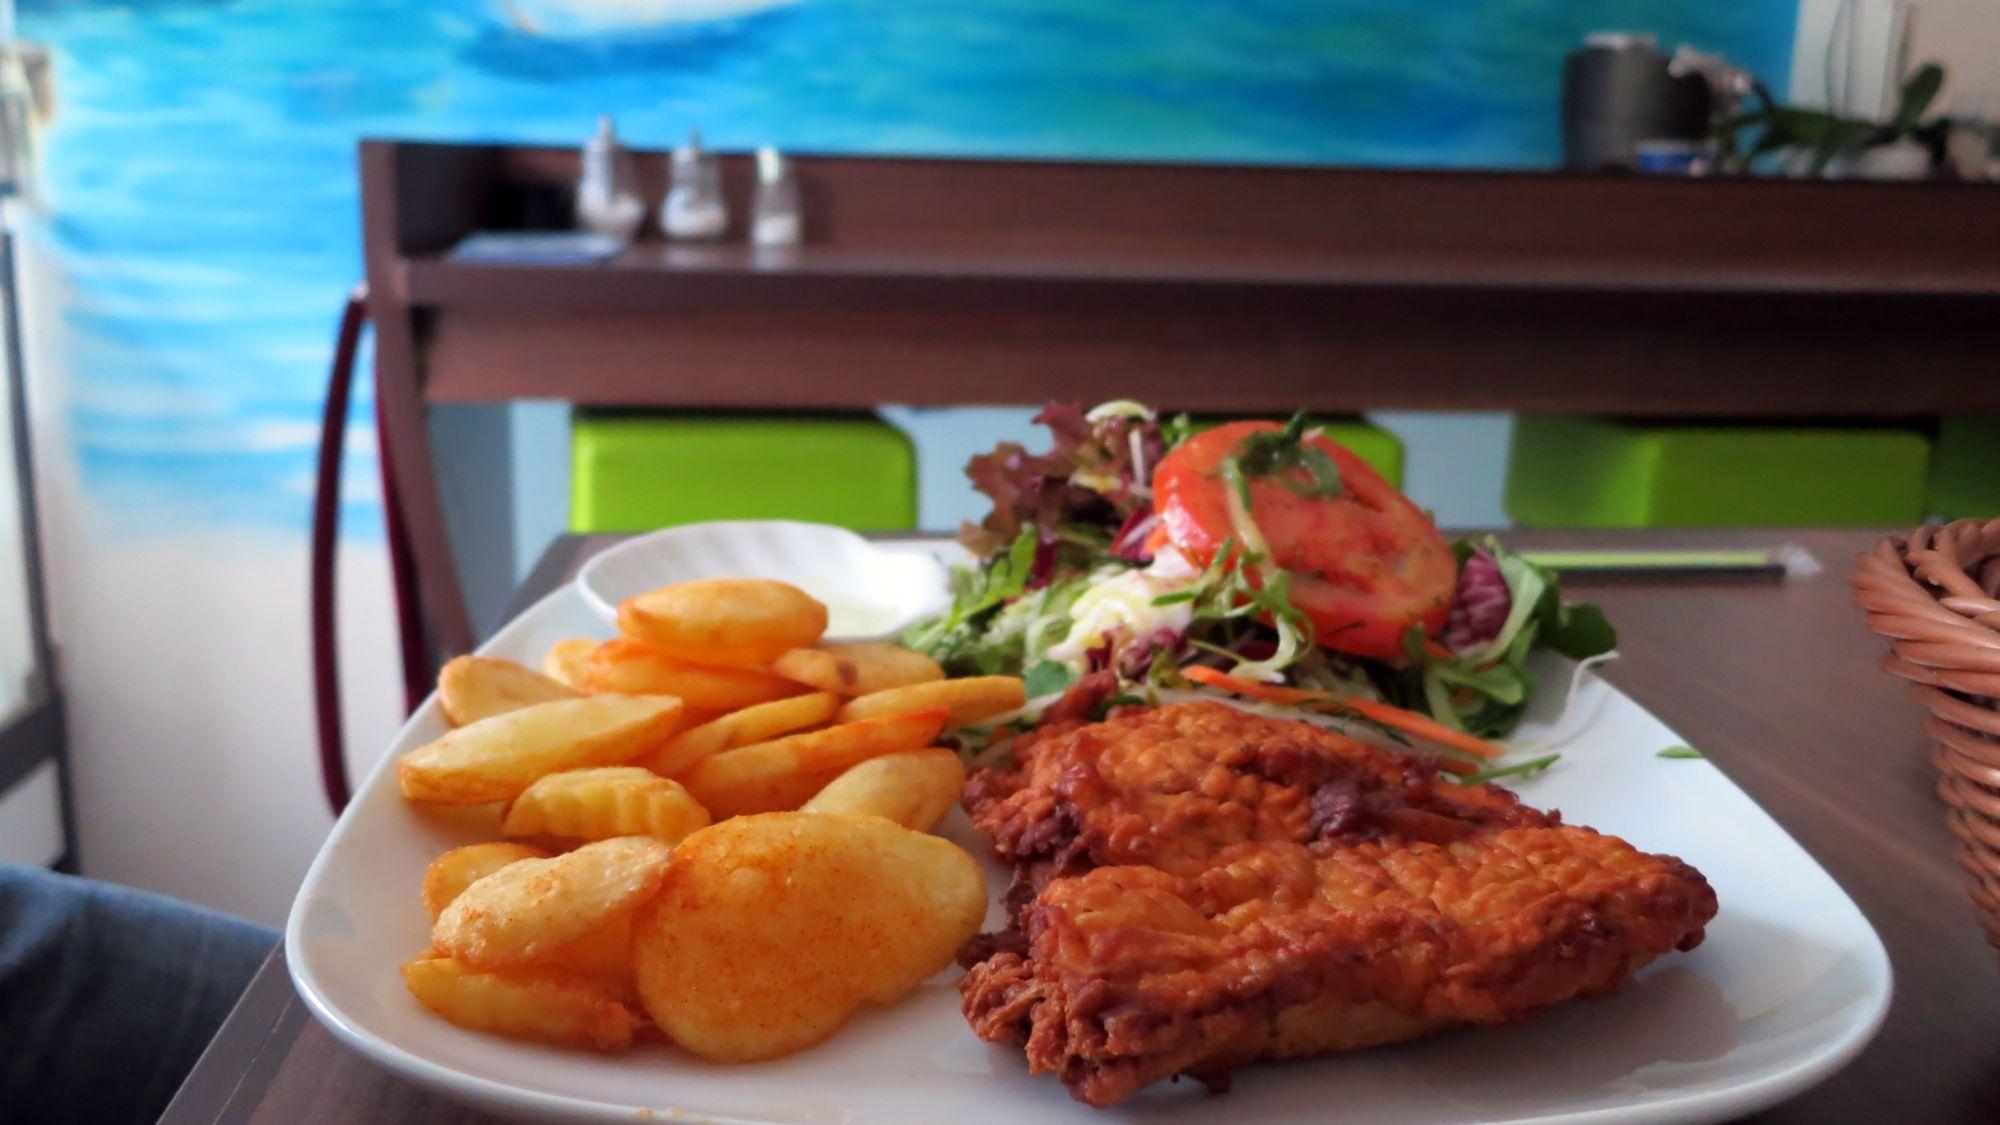 kızartılmış balık fileto oder einfach Backfisch